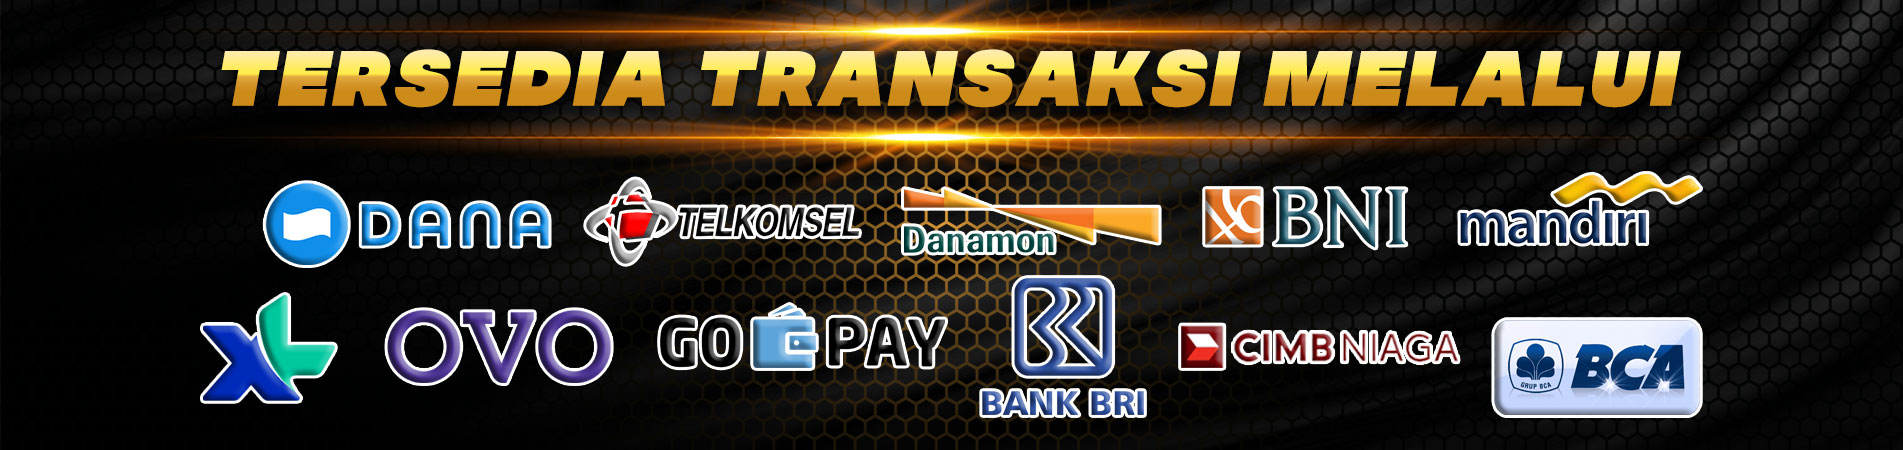 BANK YANG TERSEDIA